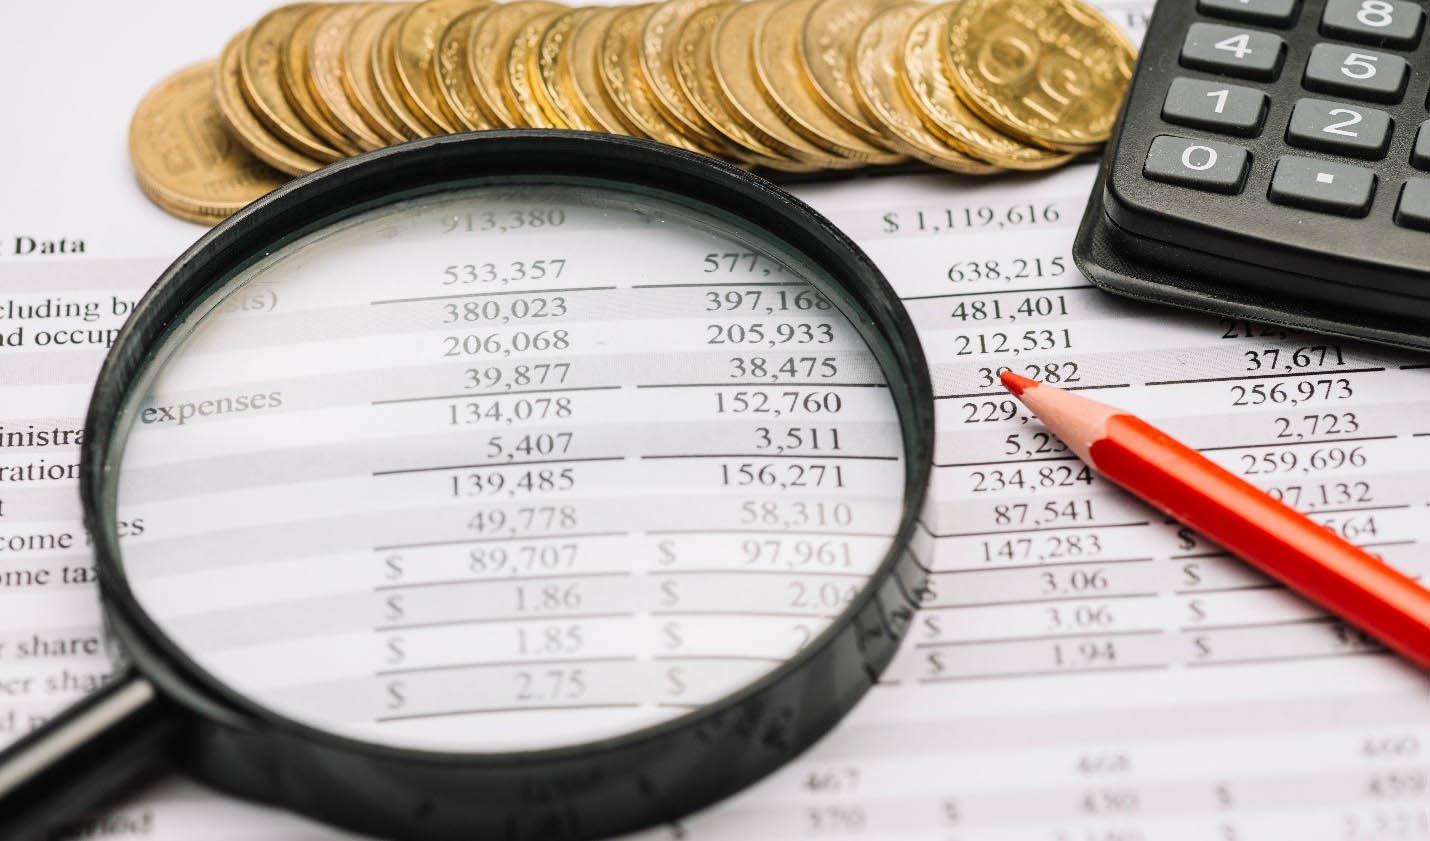 جدیدترین تغییرات در ثبتنام مالیاتی صاحبان مشاغل